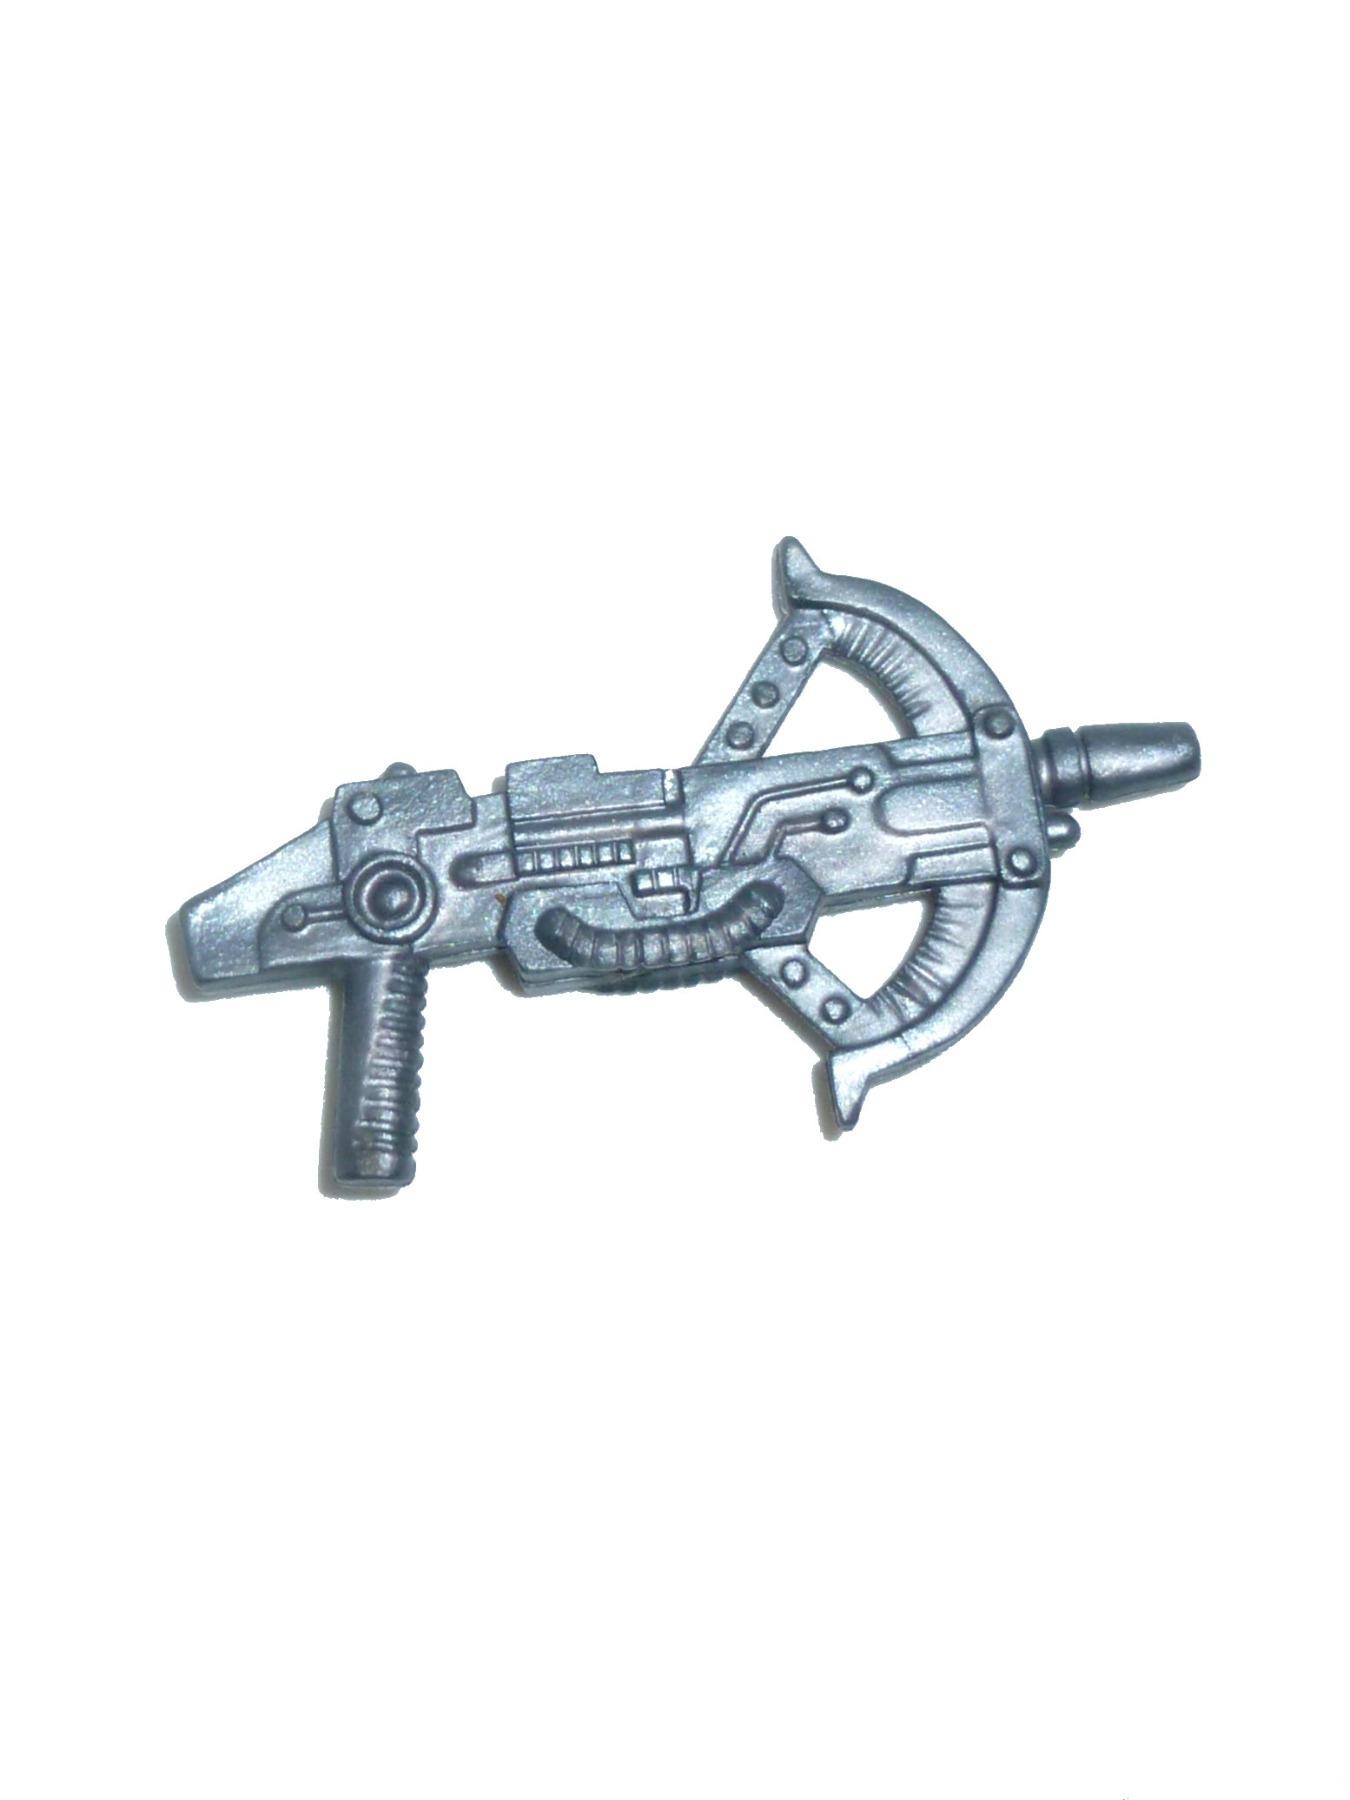 Castle Grayskull - Waffe / Blaster